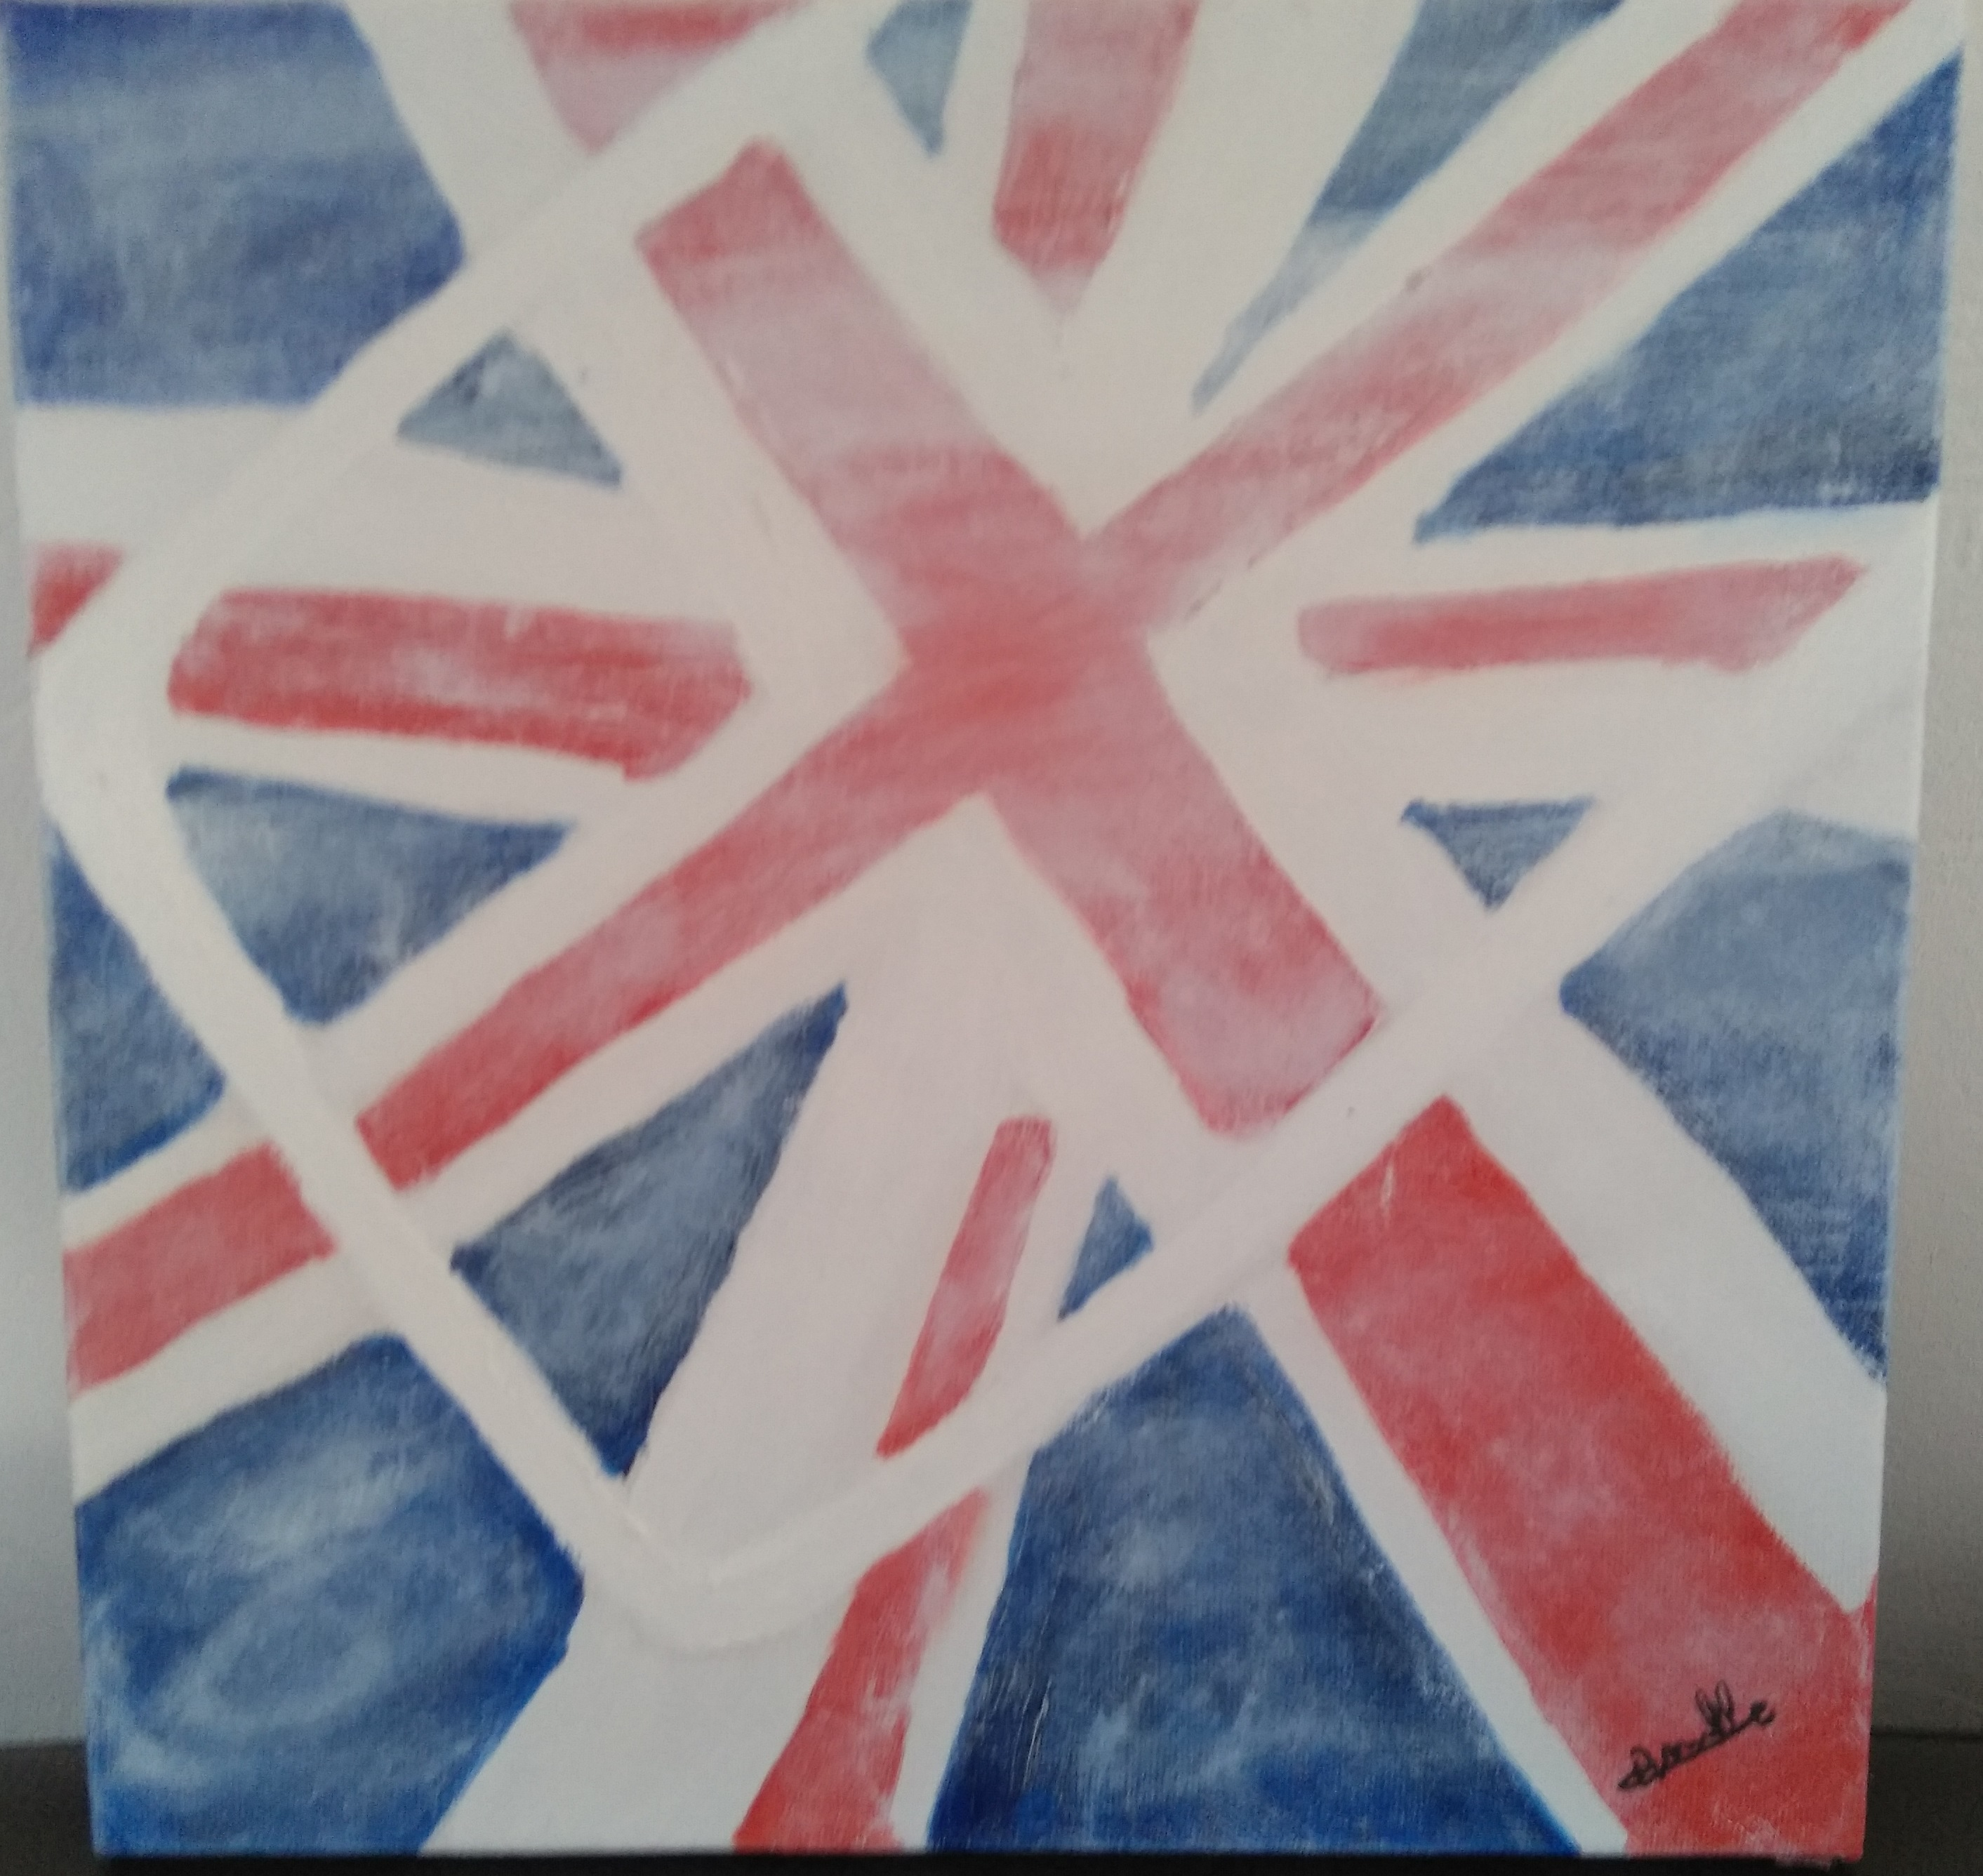 I like England jj